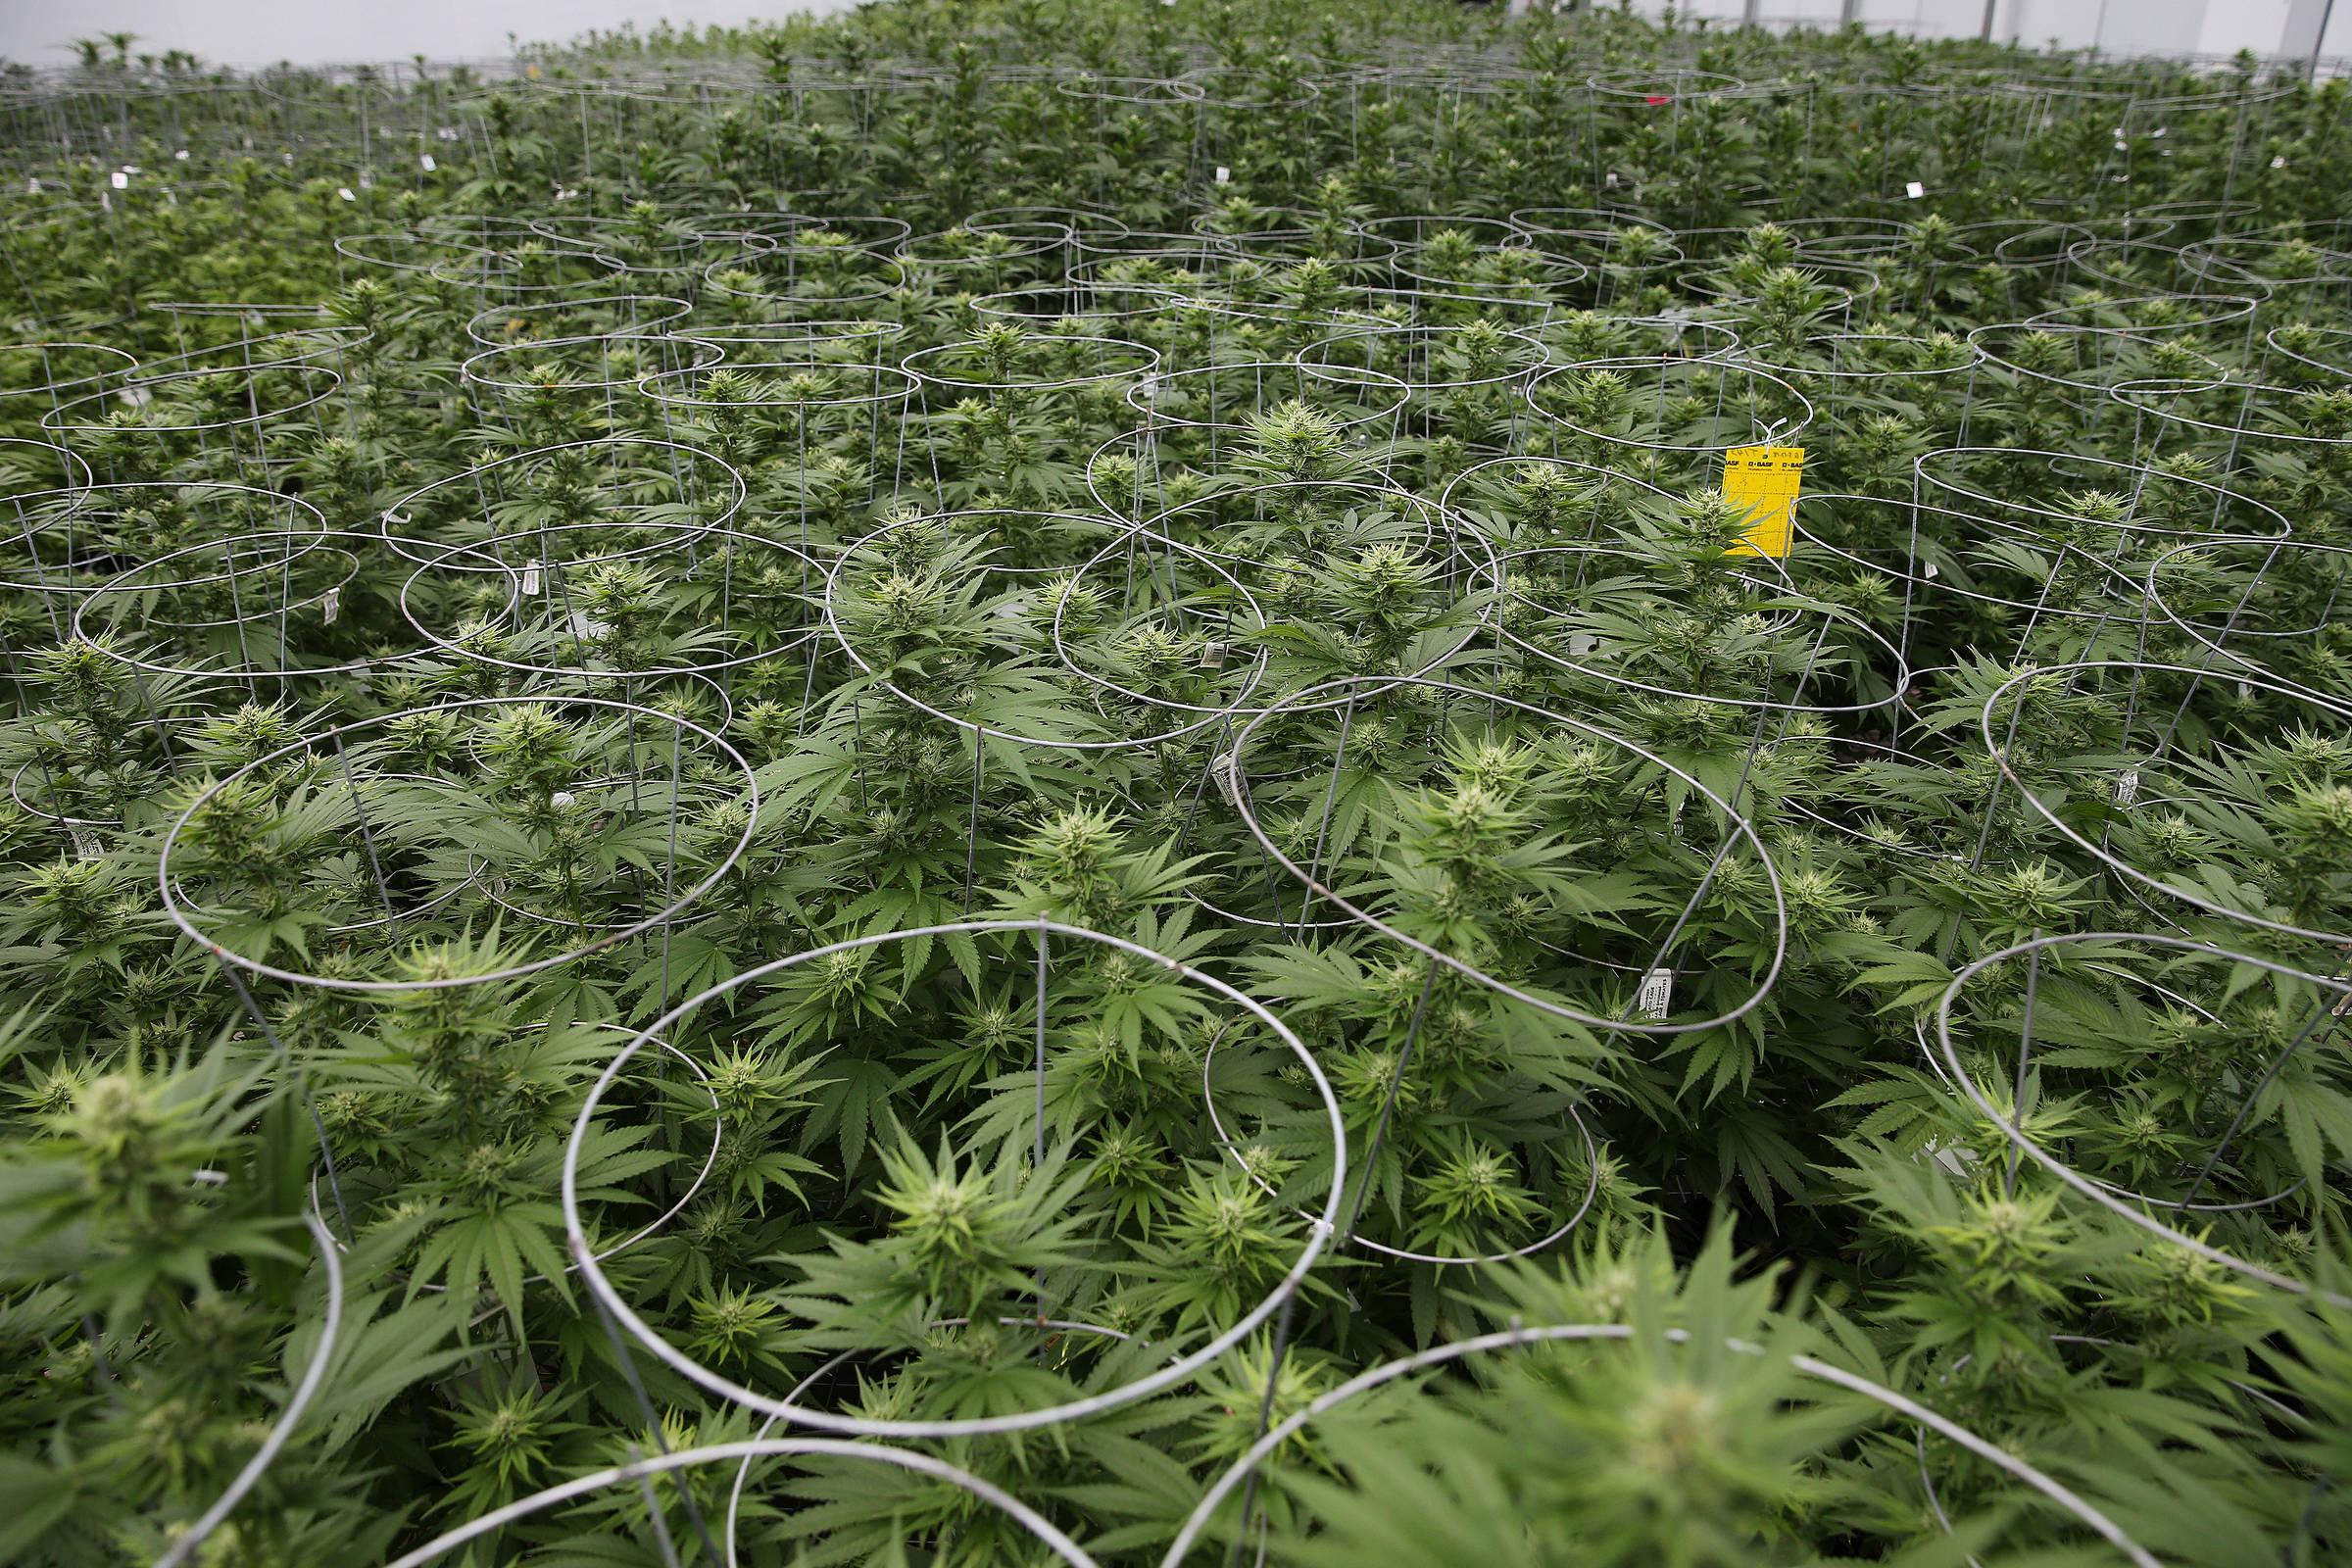 15317893845b4d404843e0c 1531789384 3x2 rt Anvisa pode atrasar regulação do plantio de maconha para uso medicinal